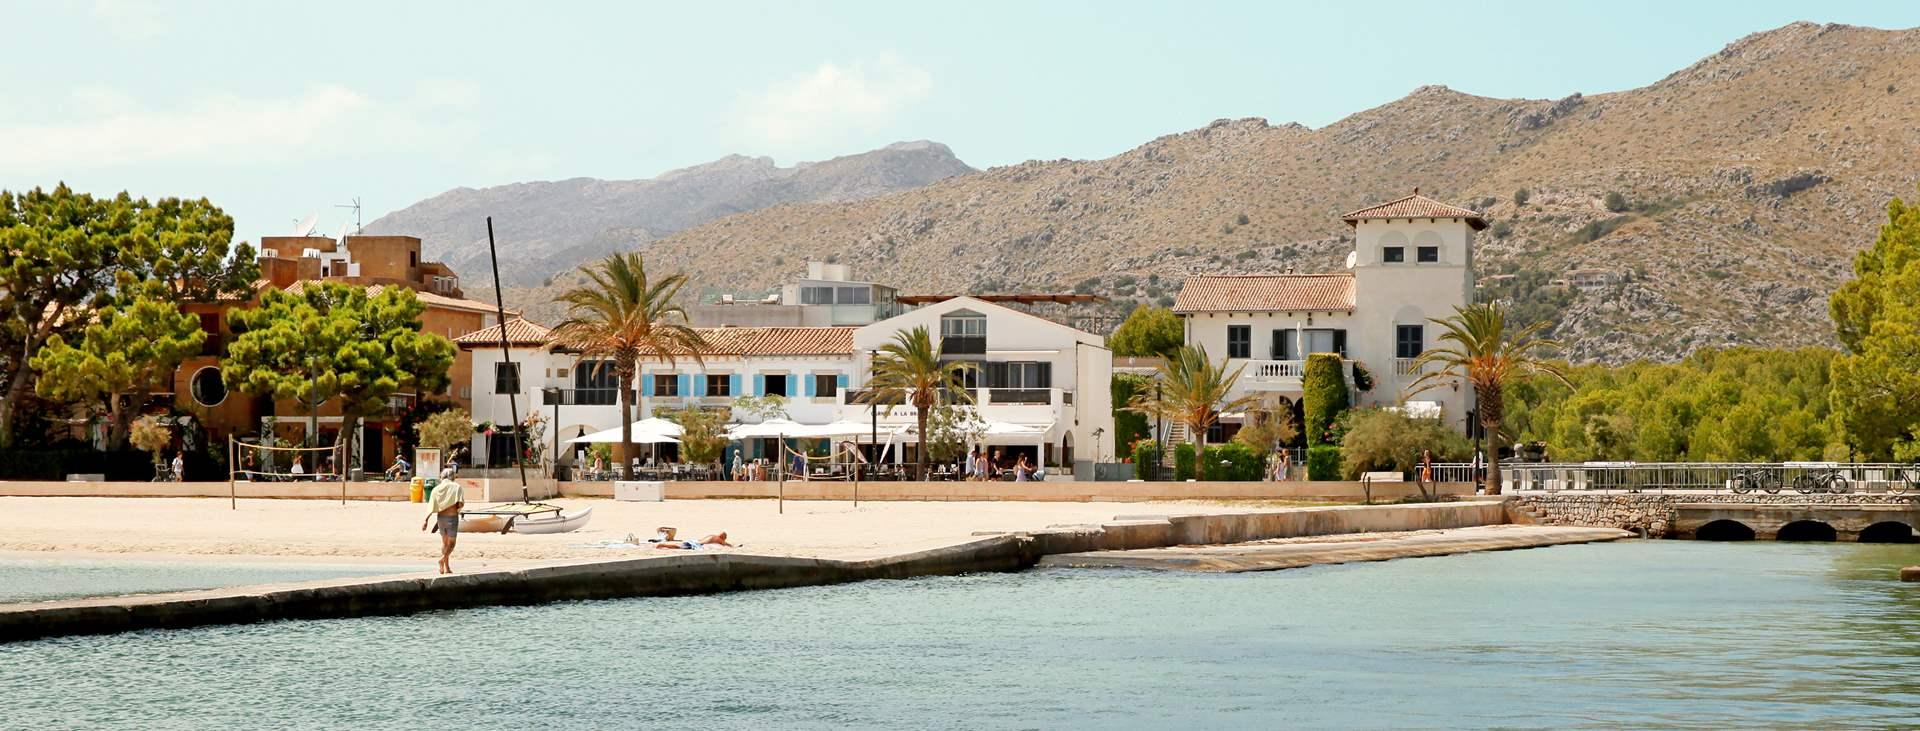 Boka din resa till Puerto Pollensa på Mallorca med Ving